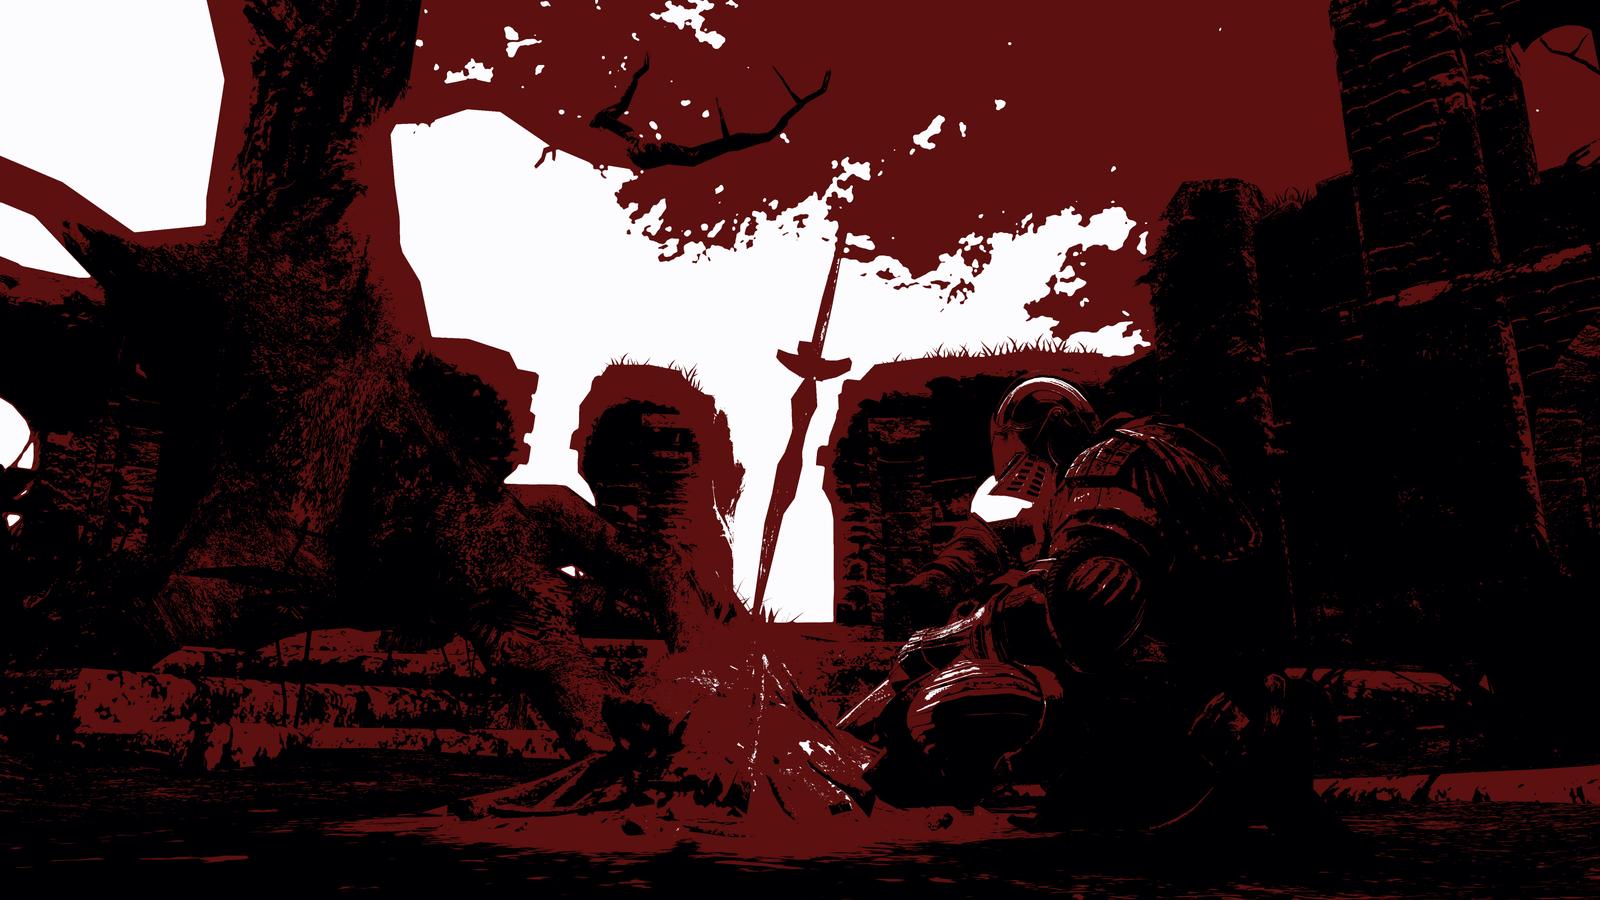 Dark Souls Art Print by Alo81